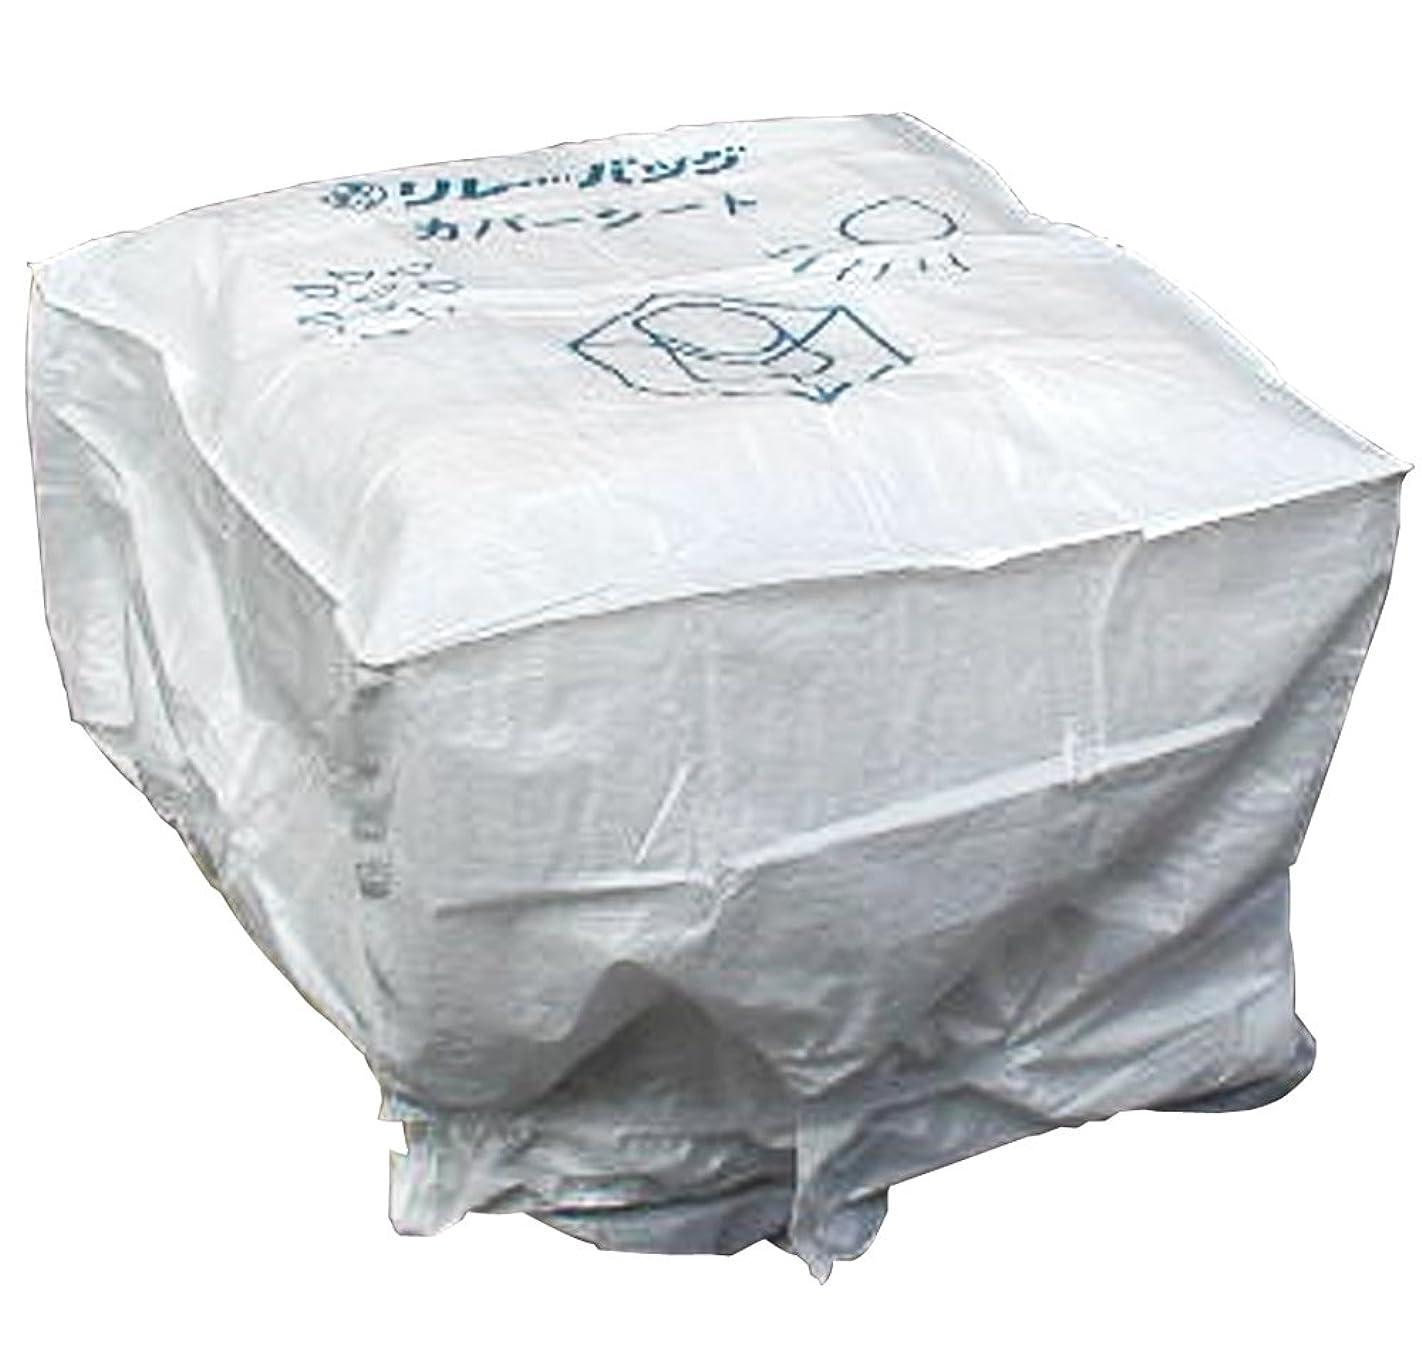 過言旅行正当なカバーシート (2枚入) フレコン用カバーシート 紫外線による劣化防止 簡易的な雨よけに マジックテープで固定 サイズ:1200×1200×1100(mm)